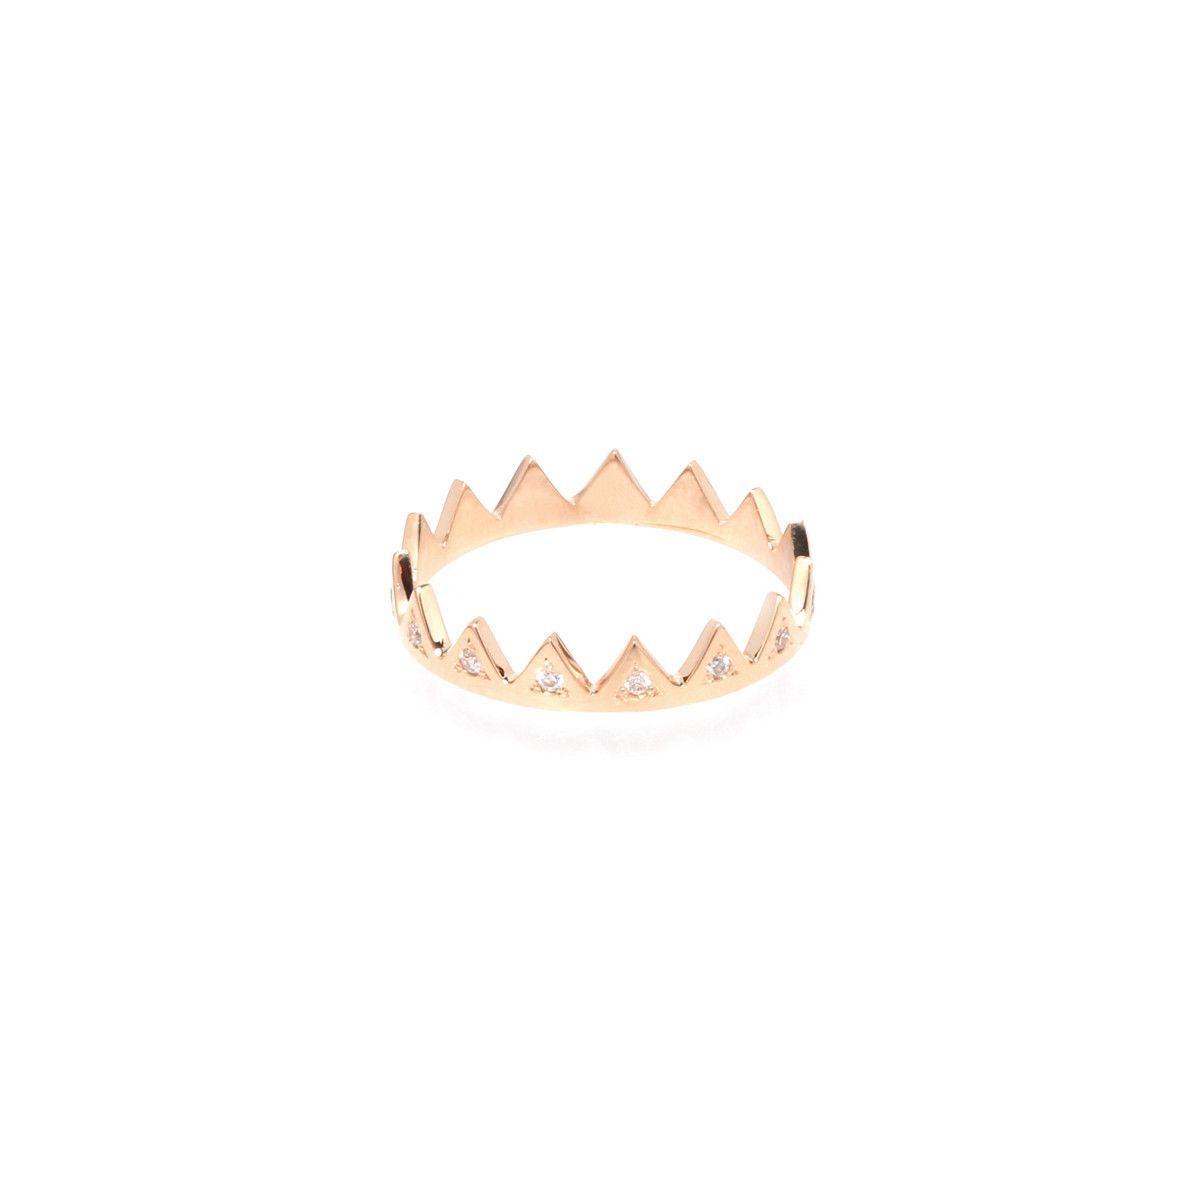 14k white diamond crown ring